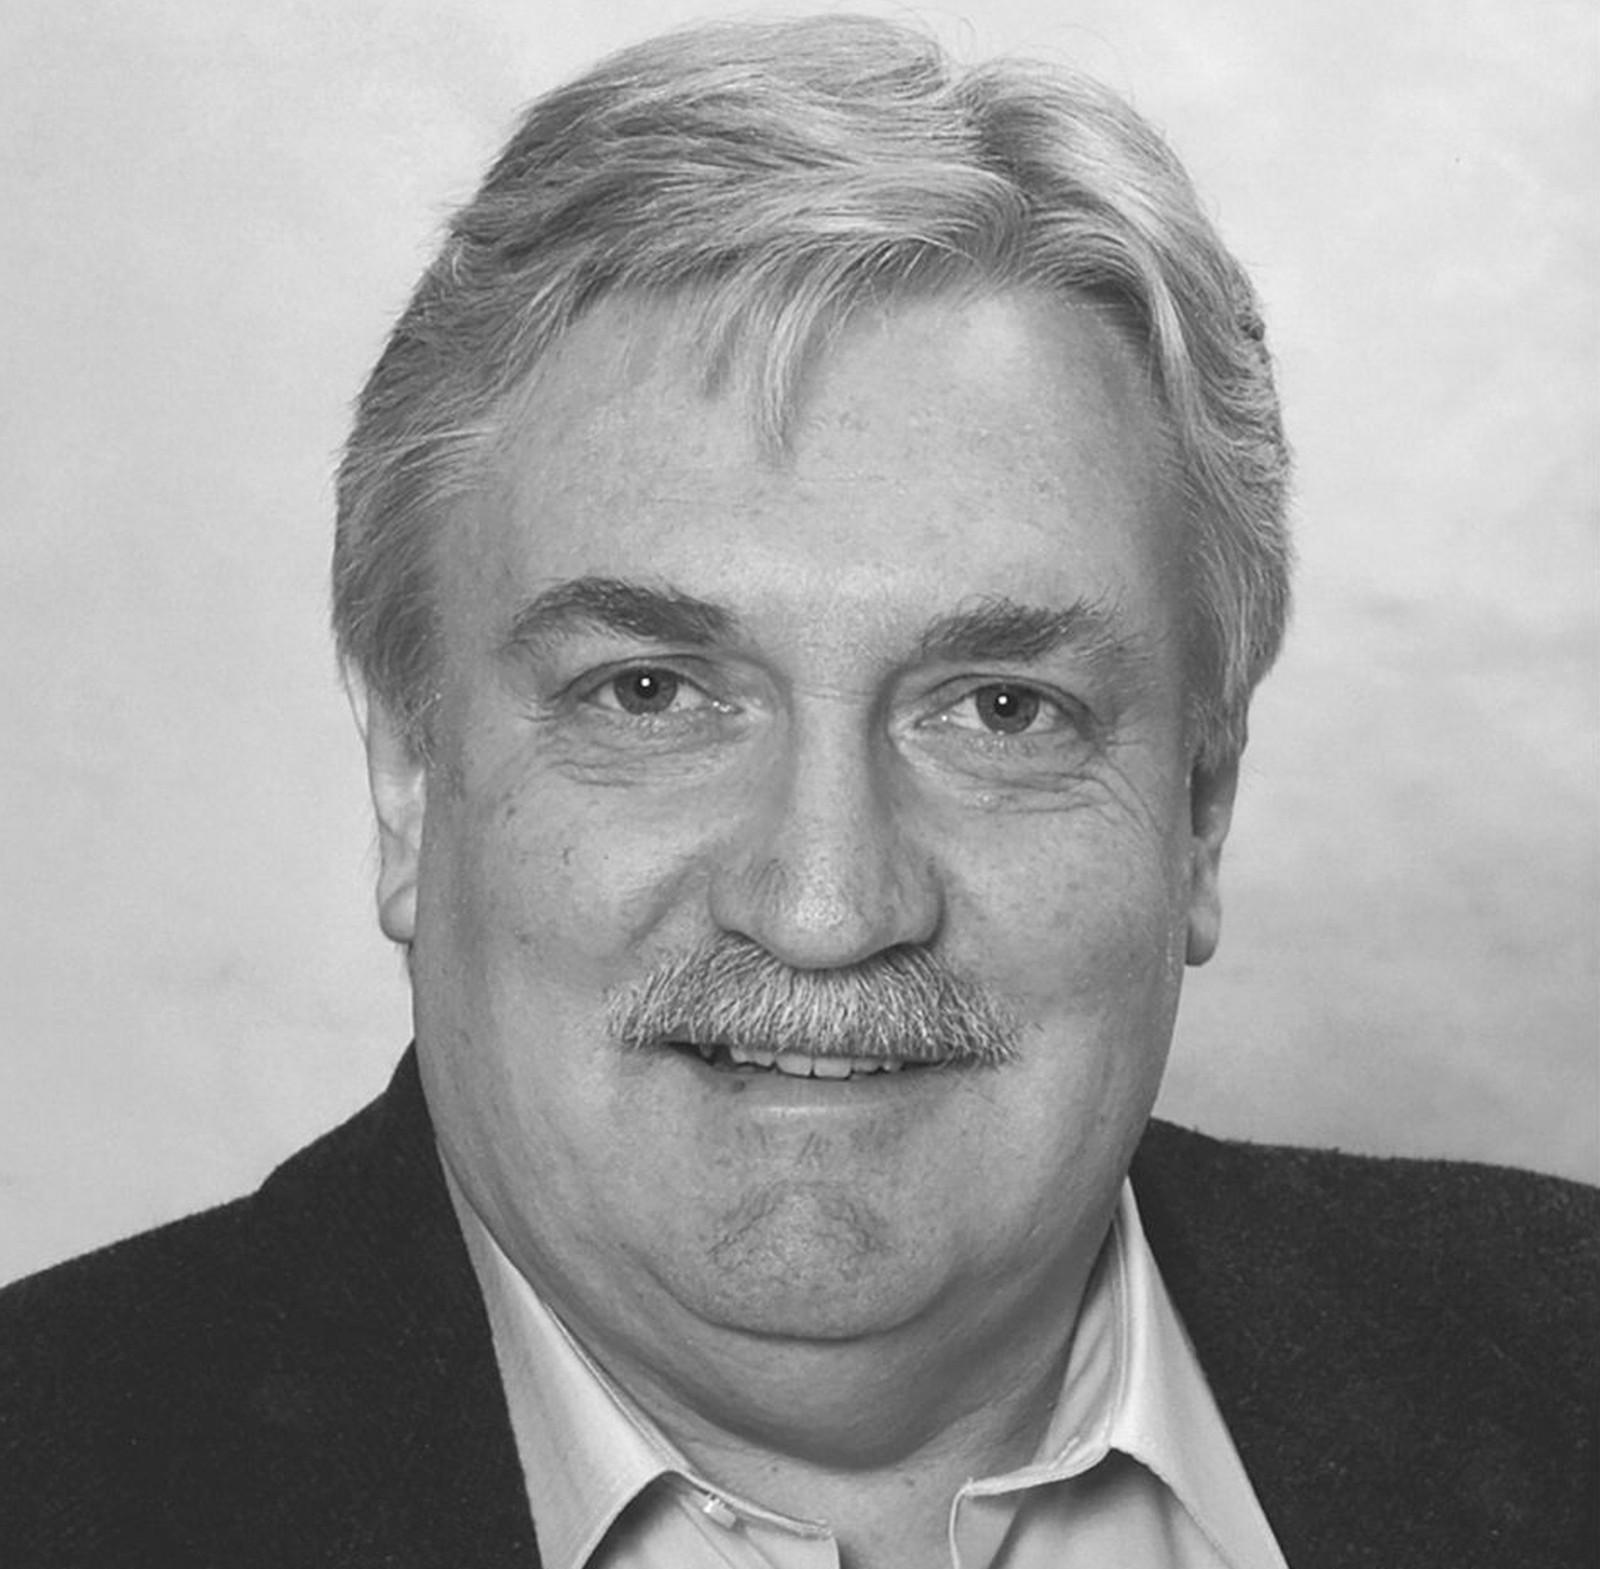 B&R-Firmengründer Erwin Bernecker ist am 30. März 2019 plötzlich und völlig unerwartet verstorben.